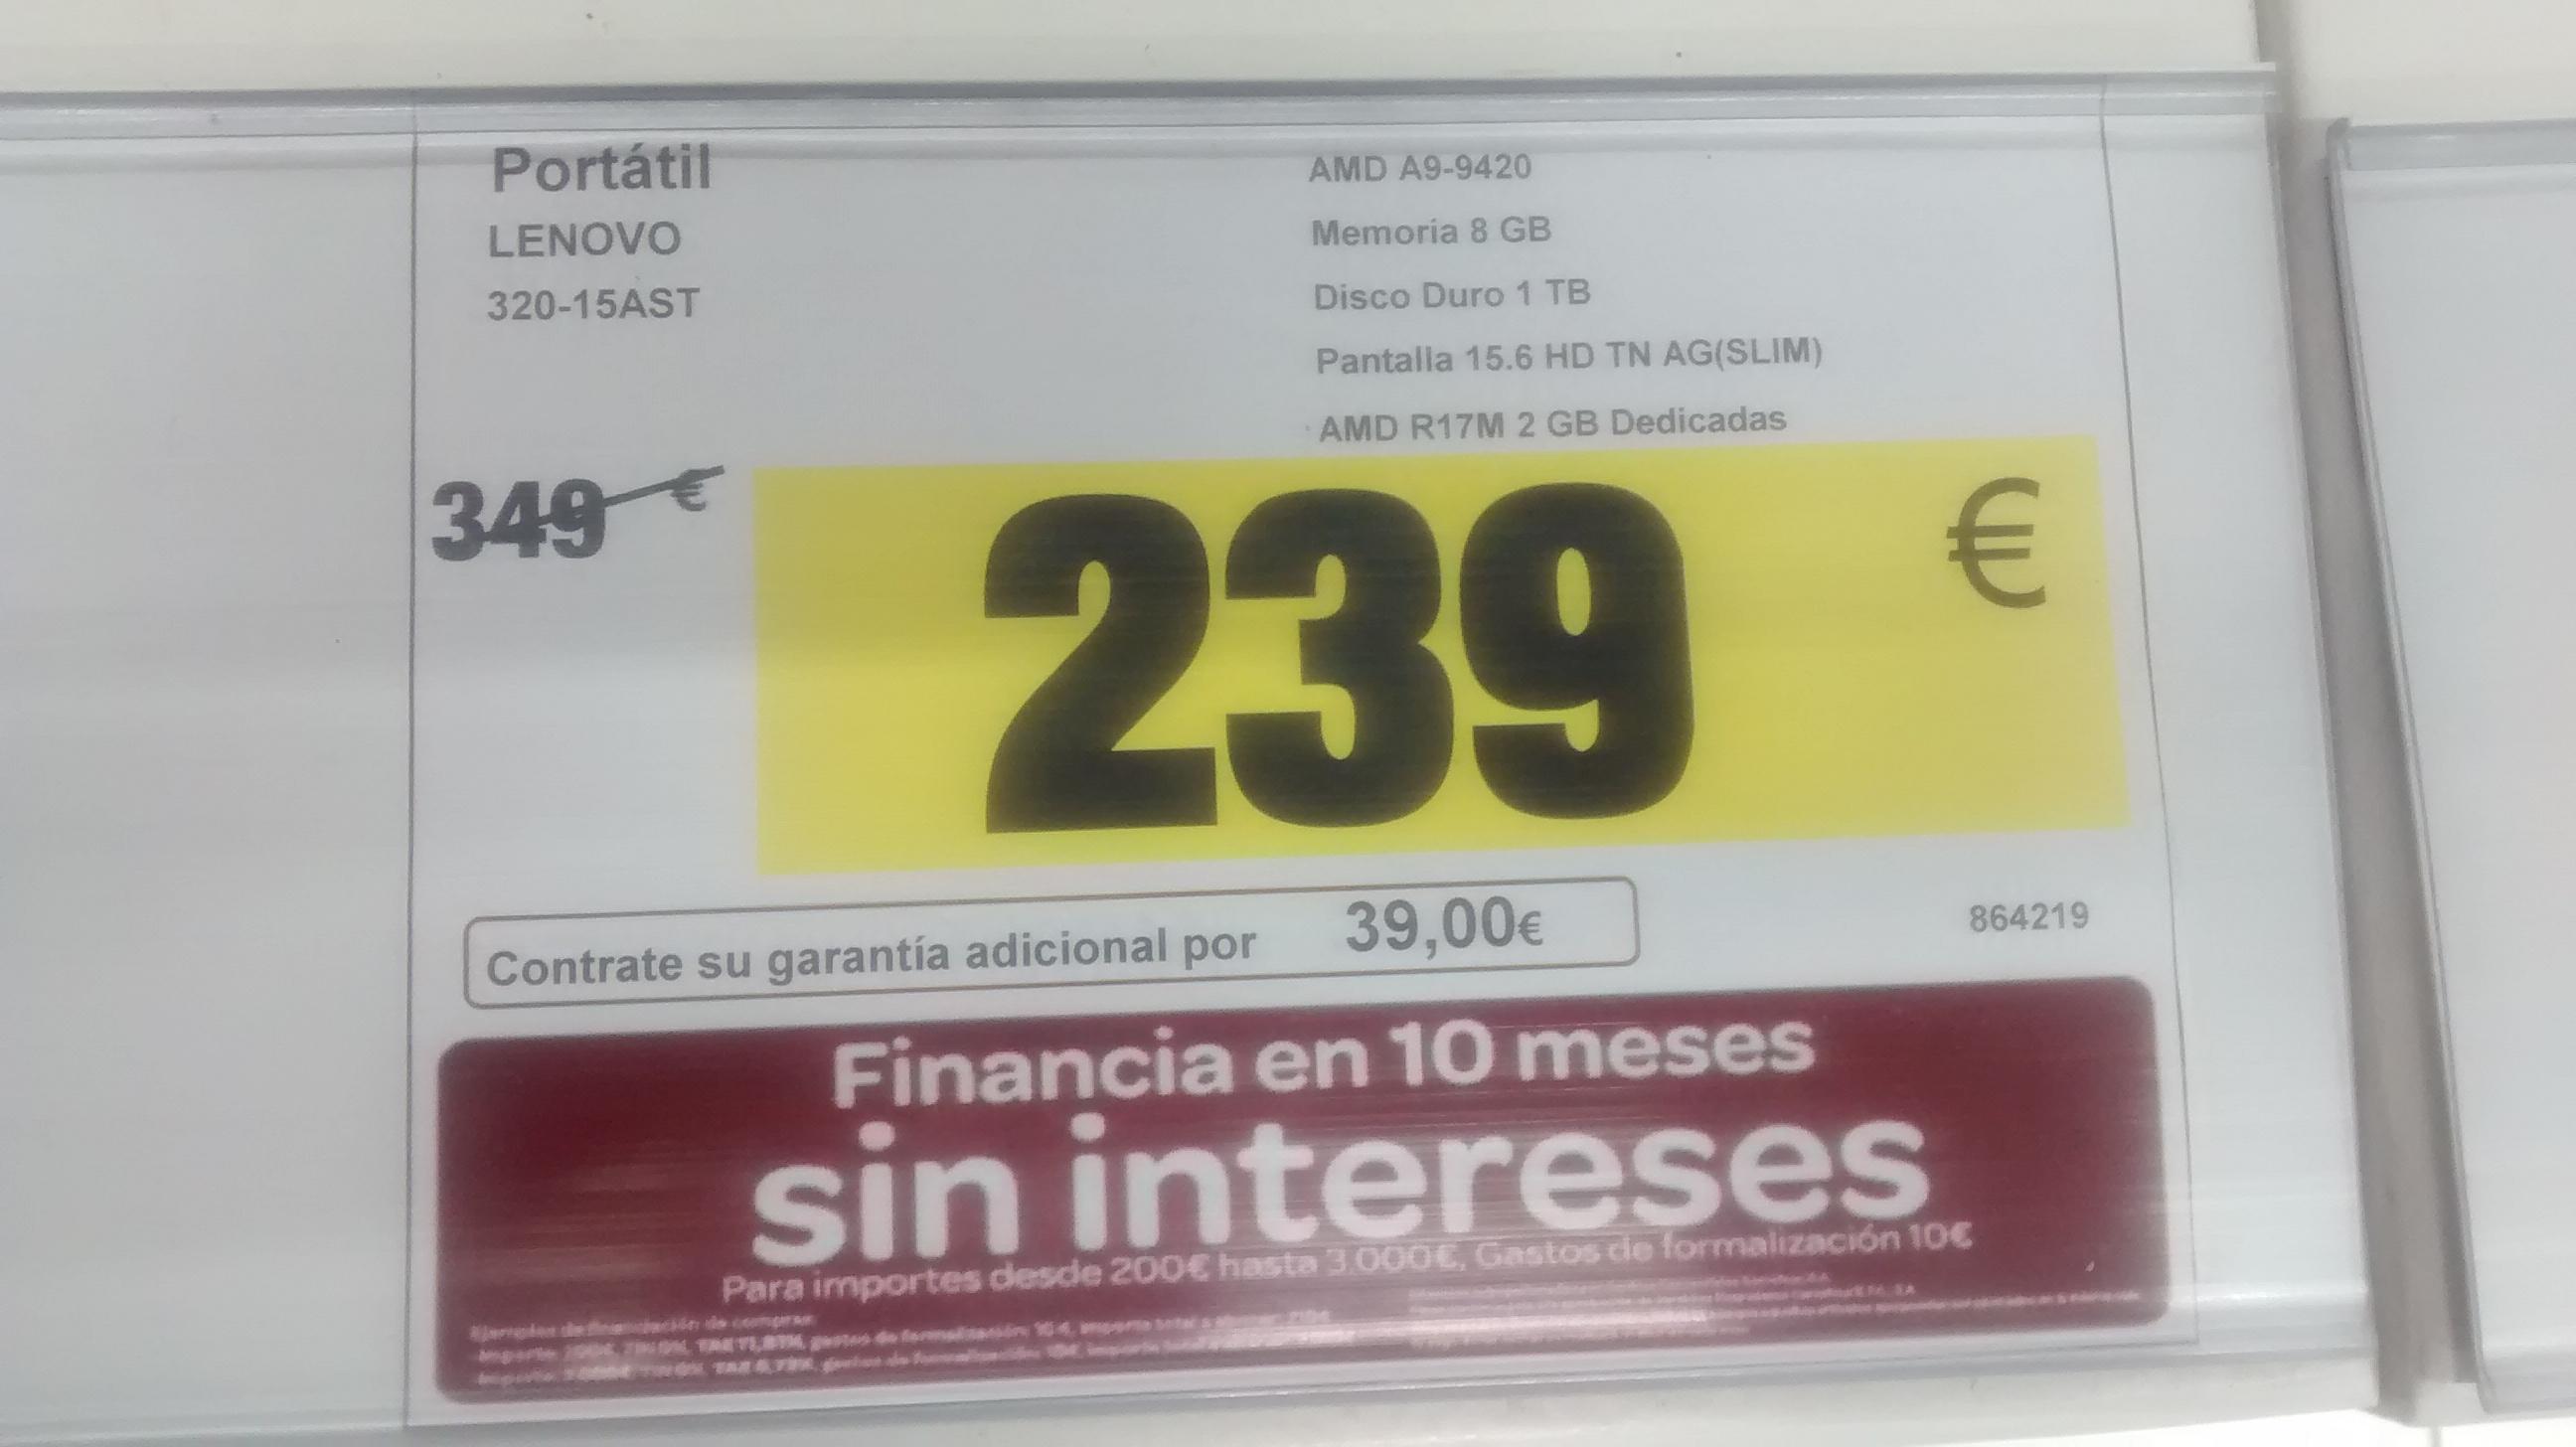 Ordenador Portatil Lenovo 320-15AST Carrefour Úbeda